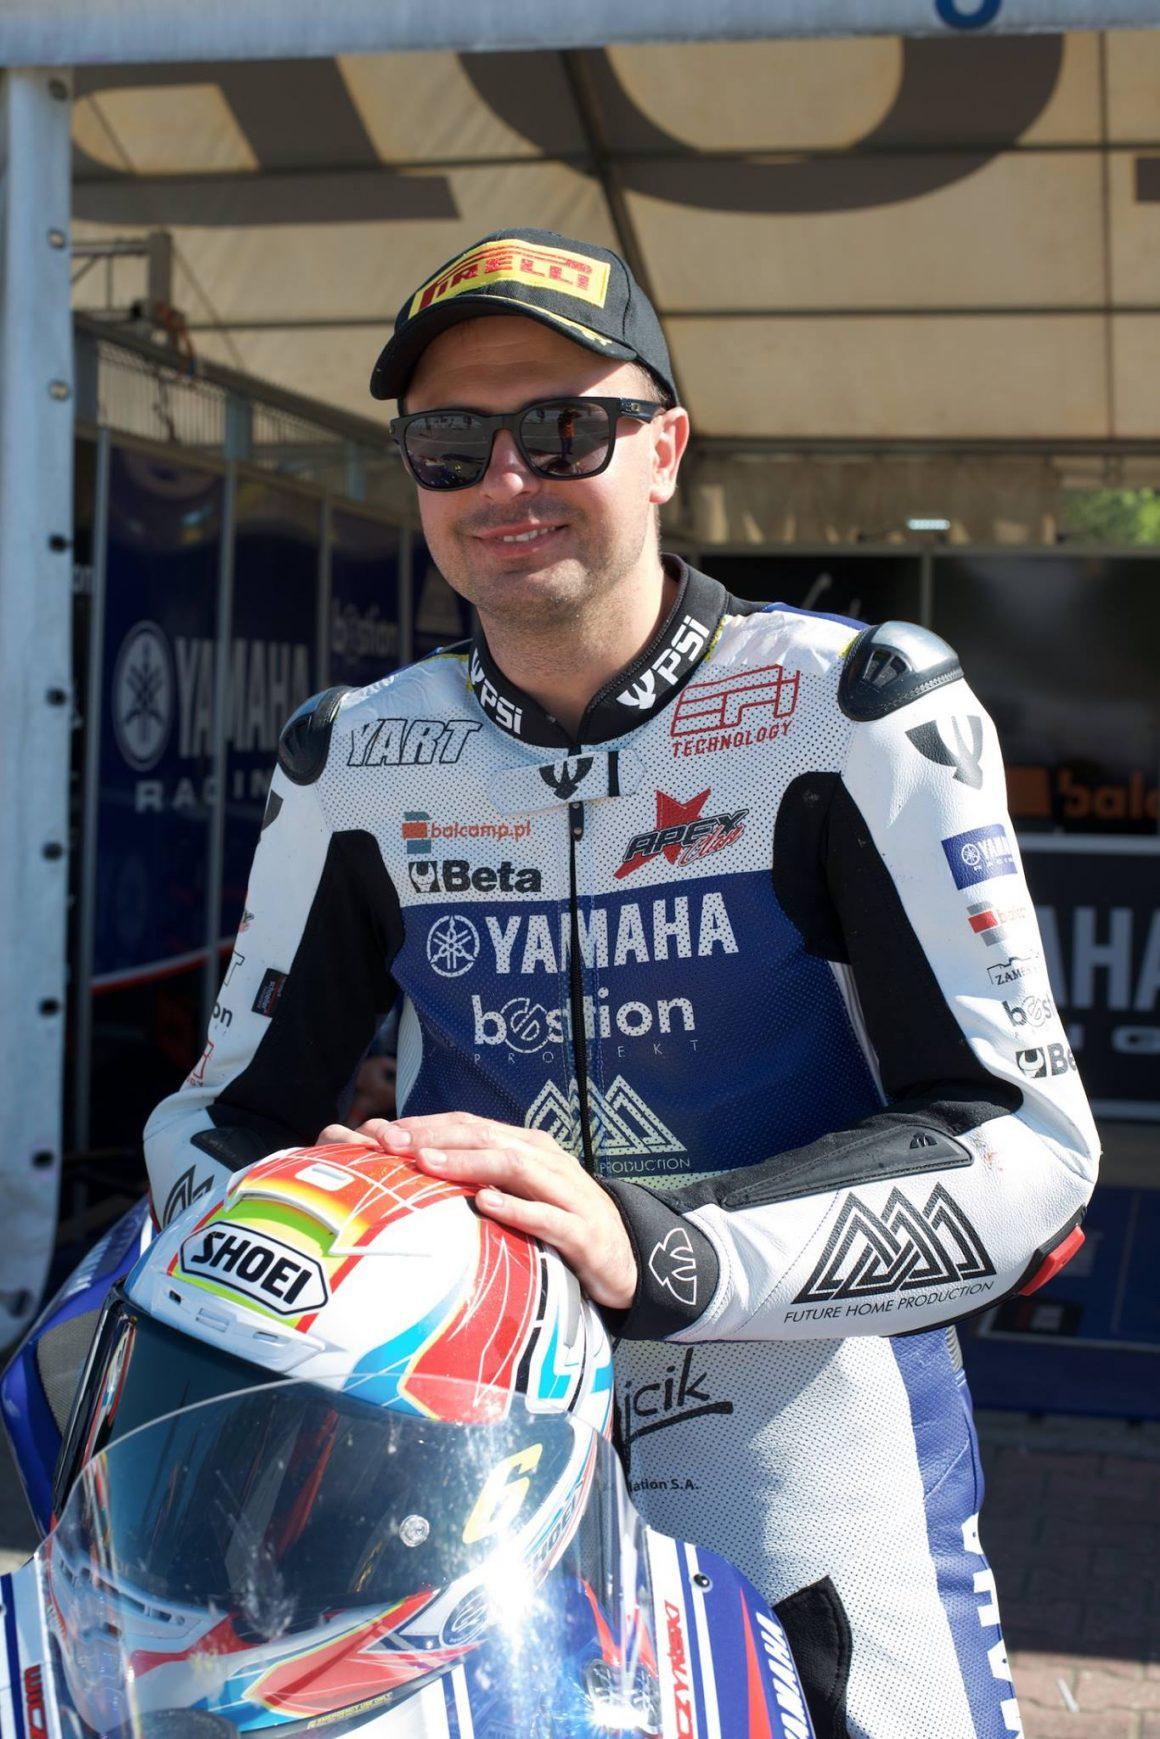 Poniedziałek motocyklowy z Mistrzem Polski